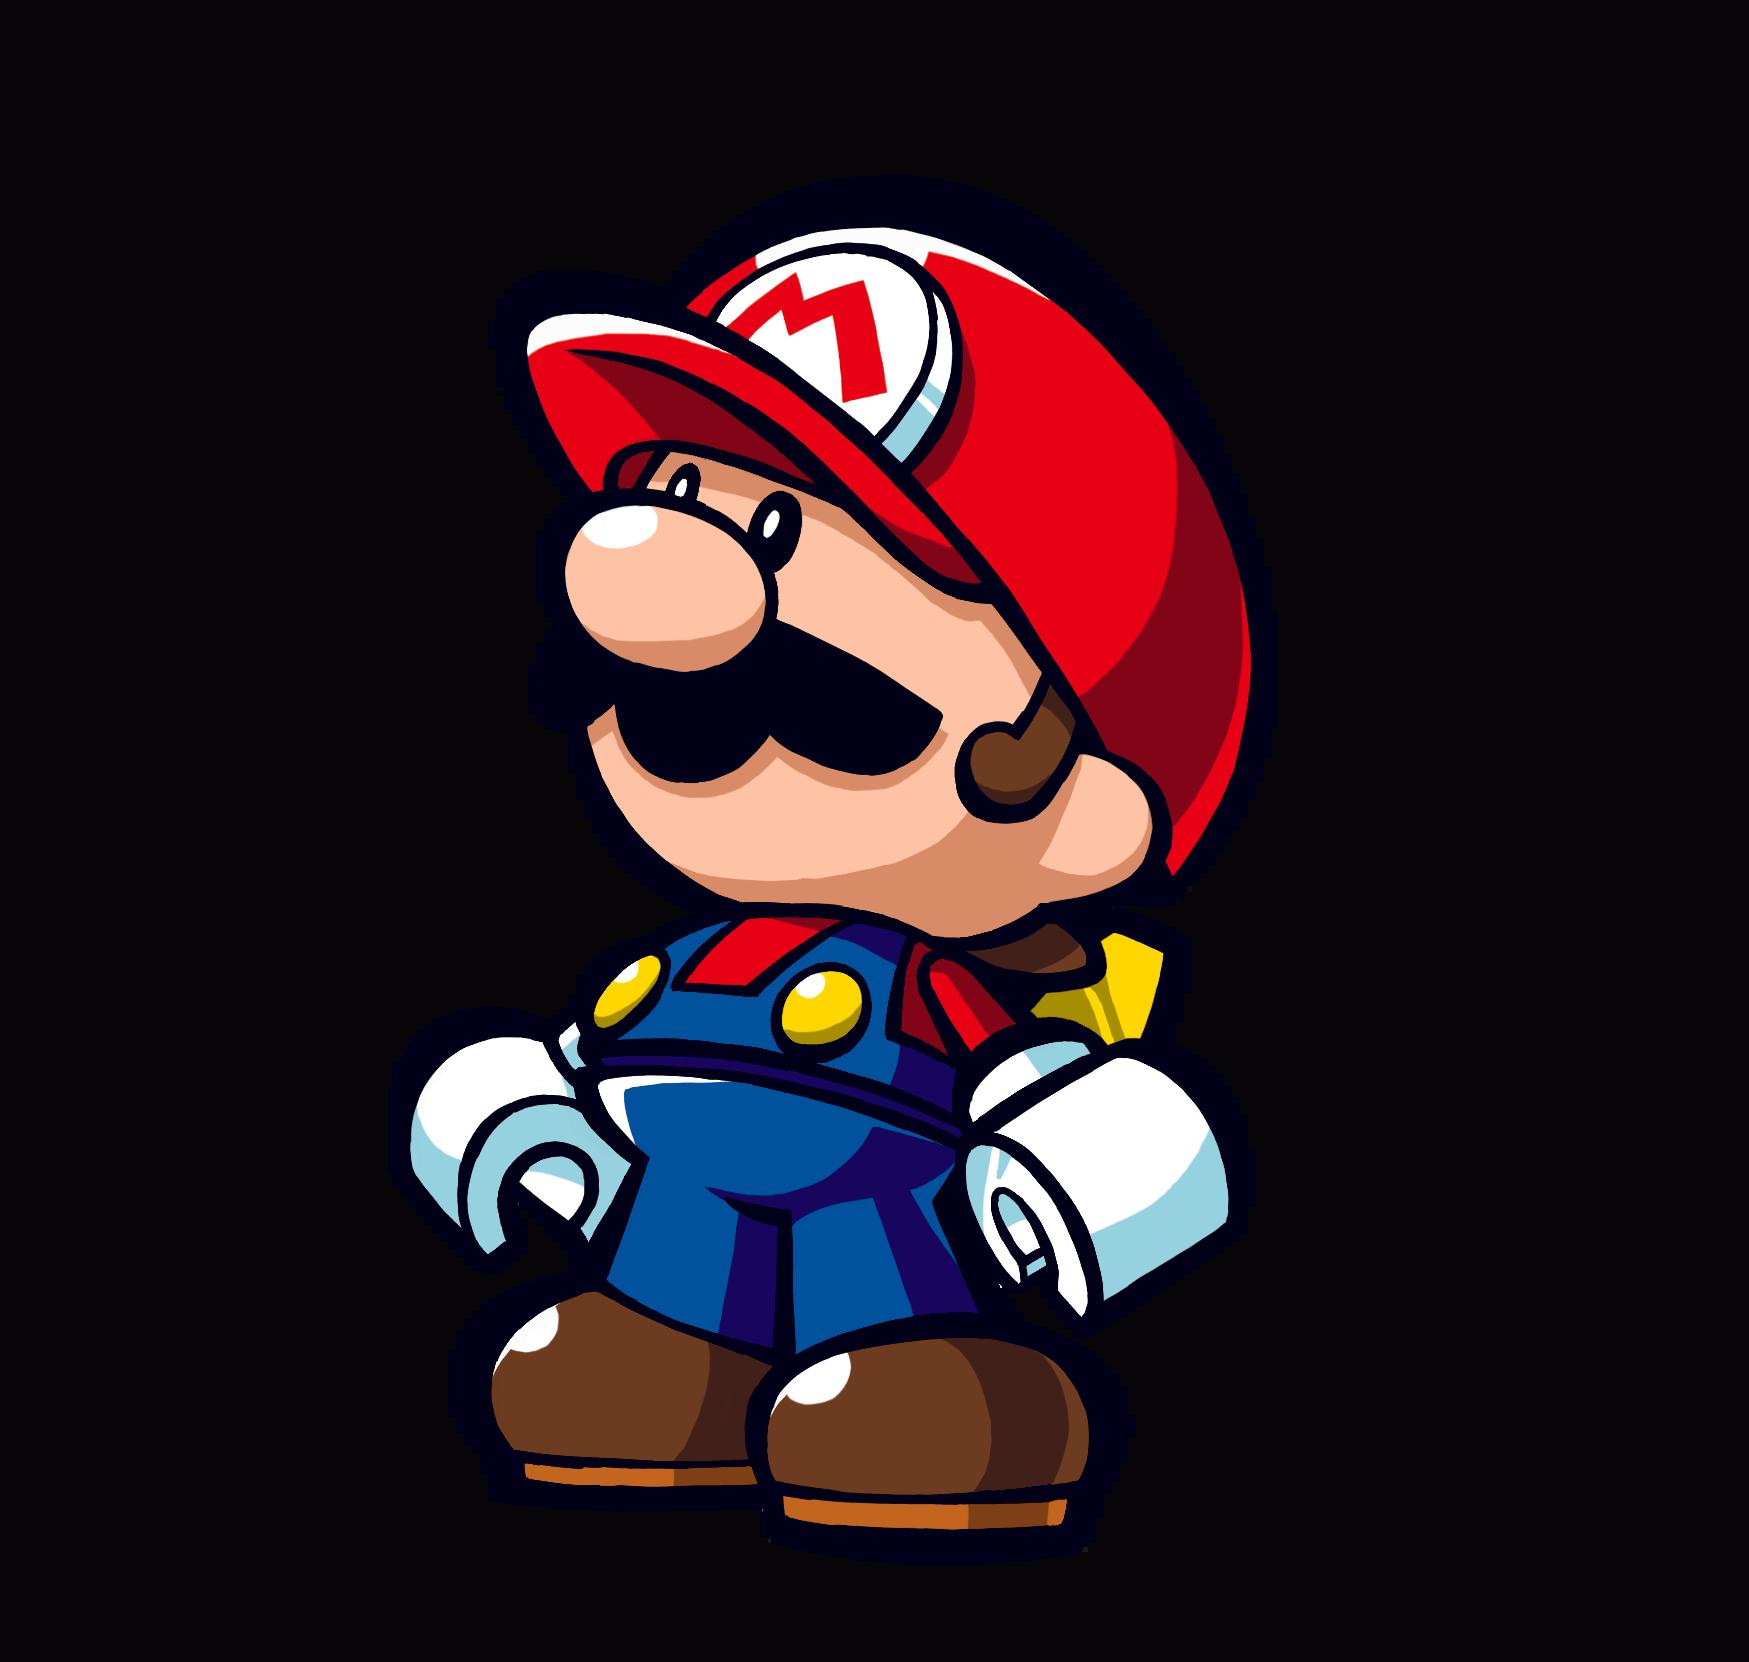 1749x1662 Mario Vs Donkey Kong Png File Png Mart